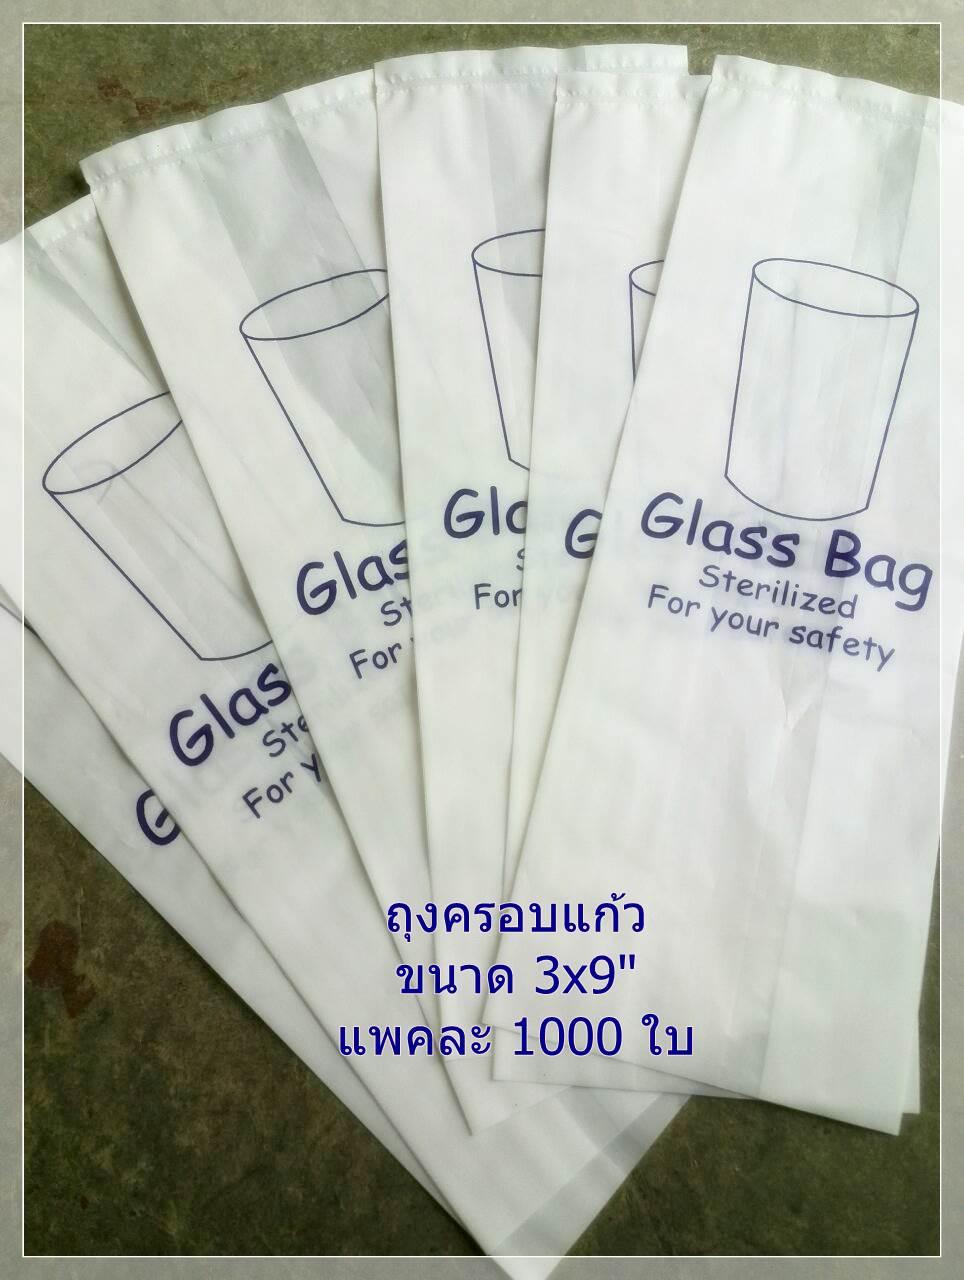 ถุงครอบแก้ว 3x9 นิ้ว ขยายข้างละ1นิ้ว [5แพค]